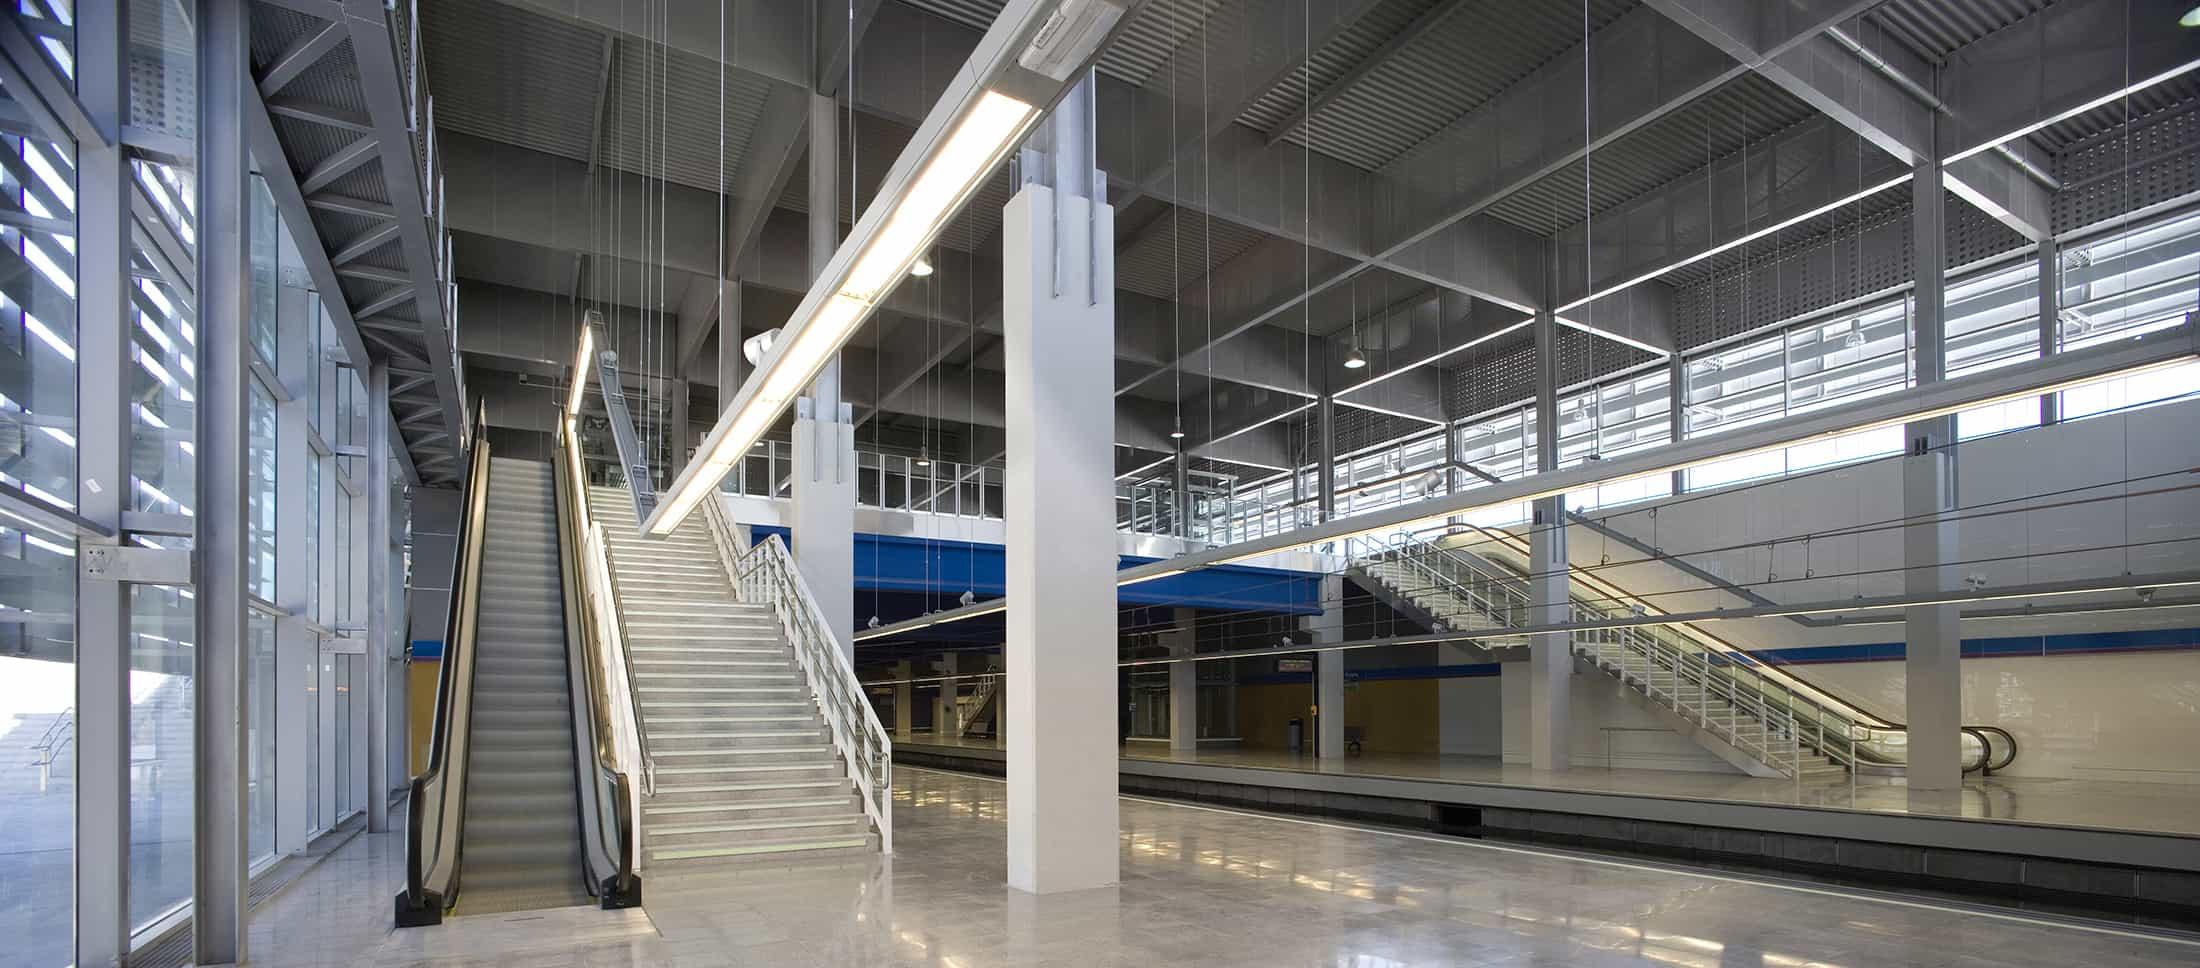 Estación METRO de Madrid - andenes -arquitectura transporte - Estación METRO de MADRID_LGV+LANDINEZ+REY   equipo L2G arquitectos, slp [ eL2Gaa ]